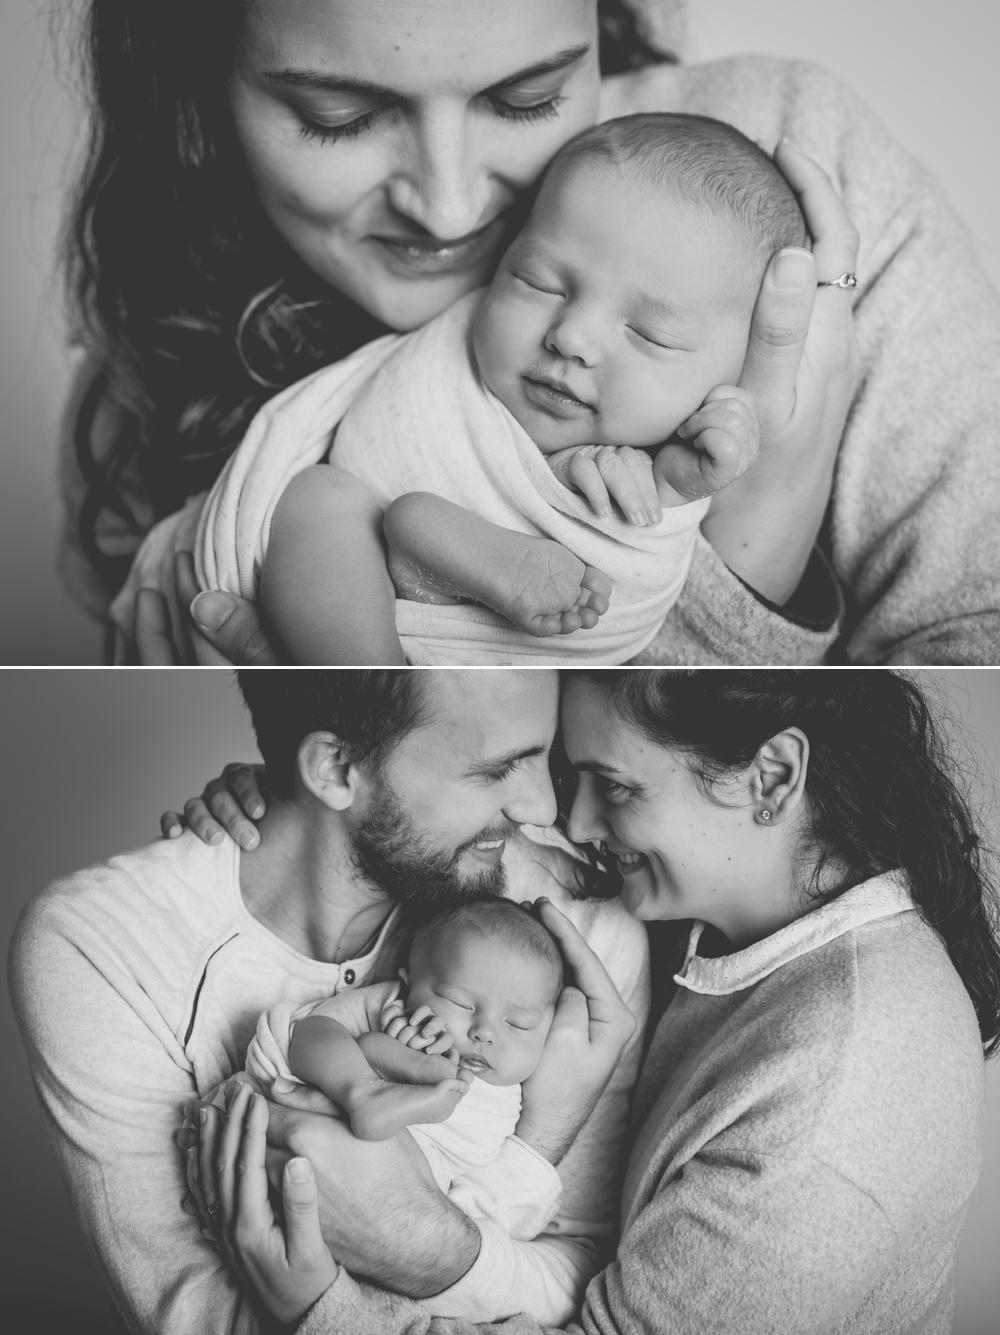 photographier votre bébé à sa naissance